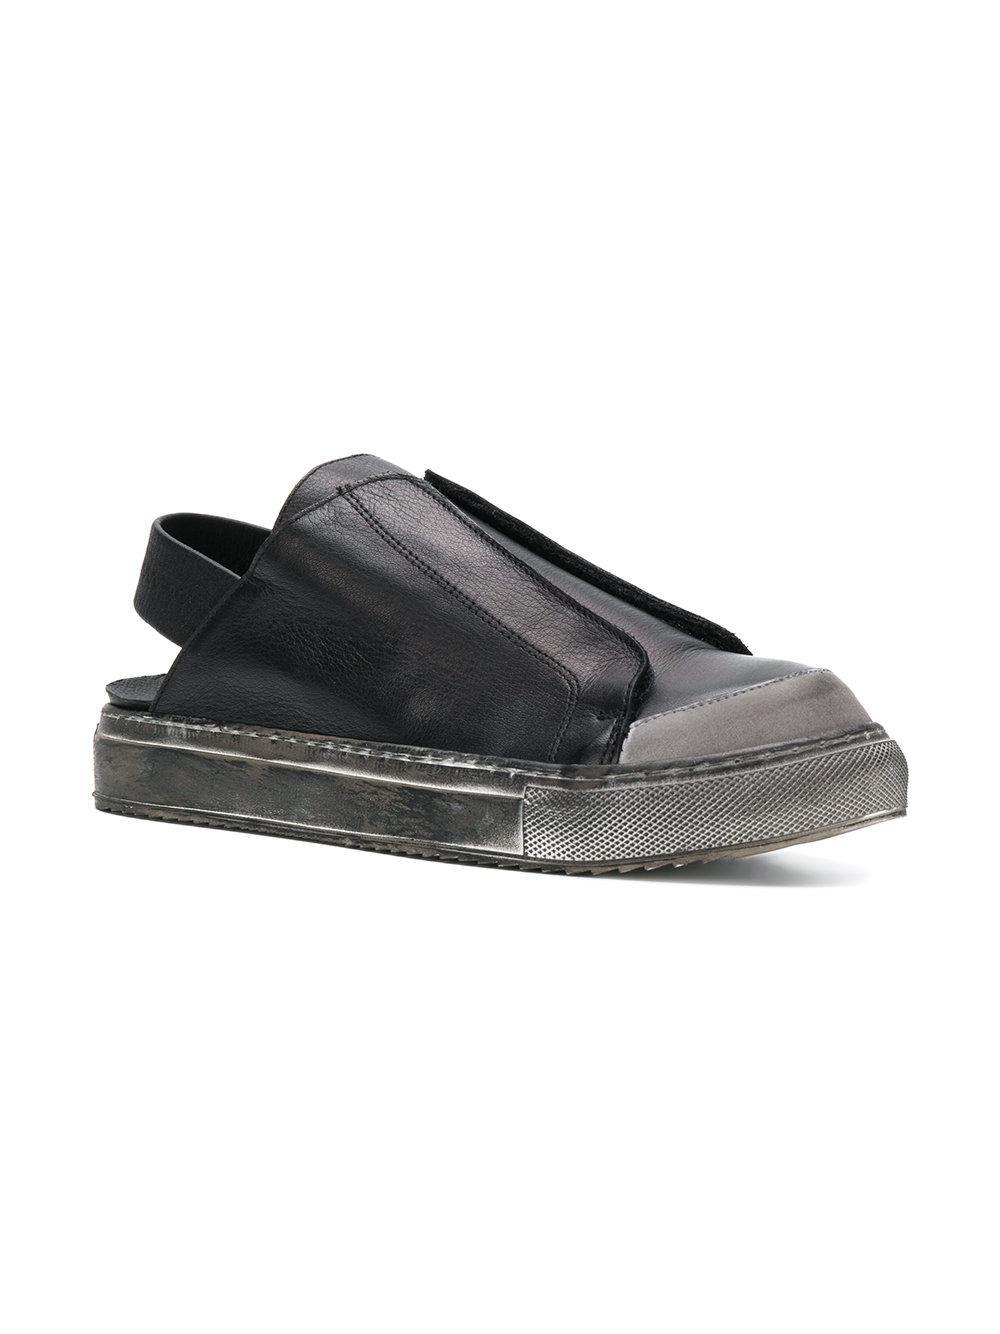 Rundholz Black Label Leather Sling Back Sneakers in Black